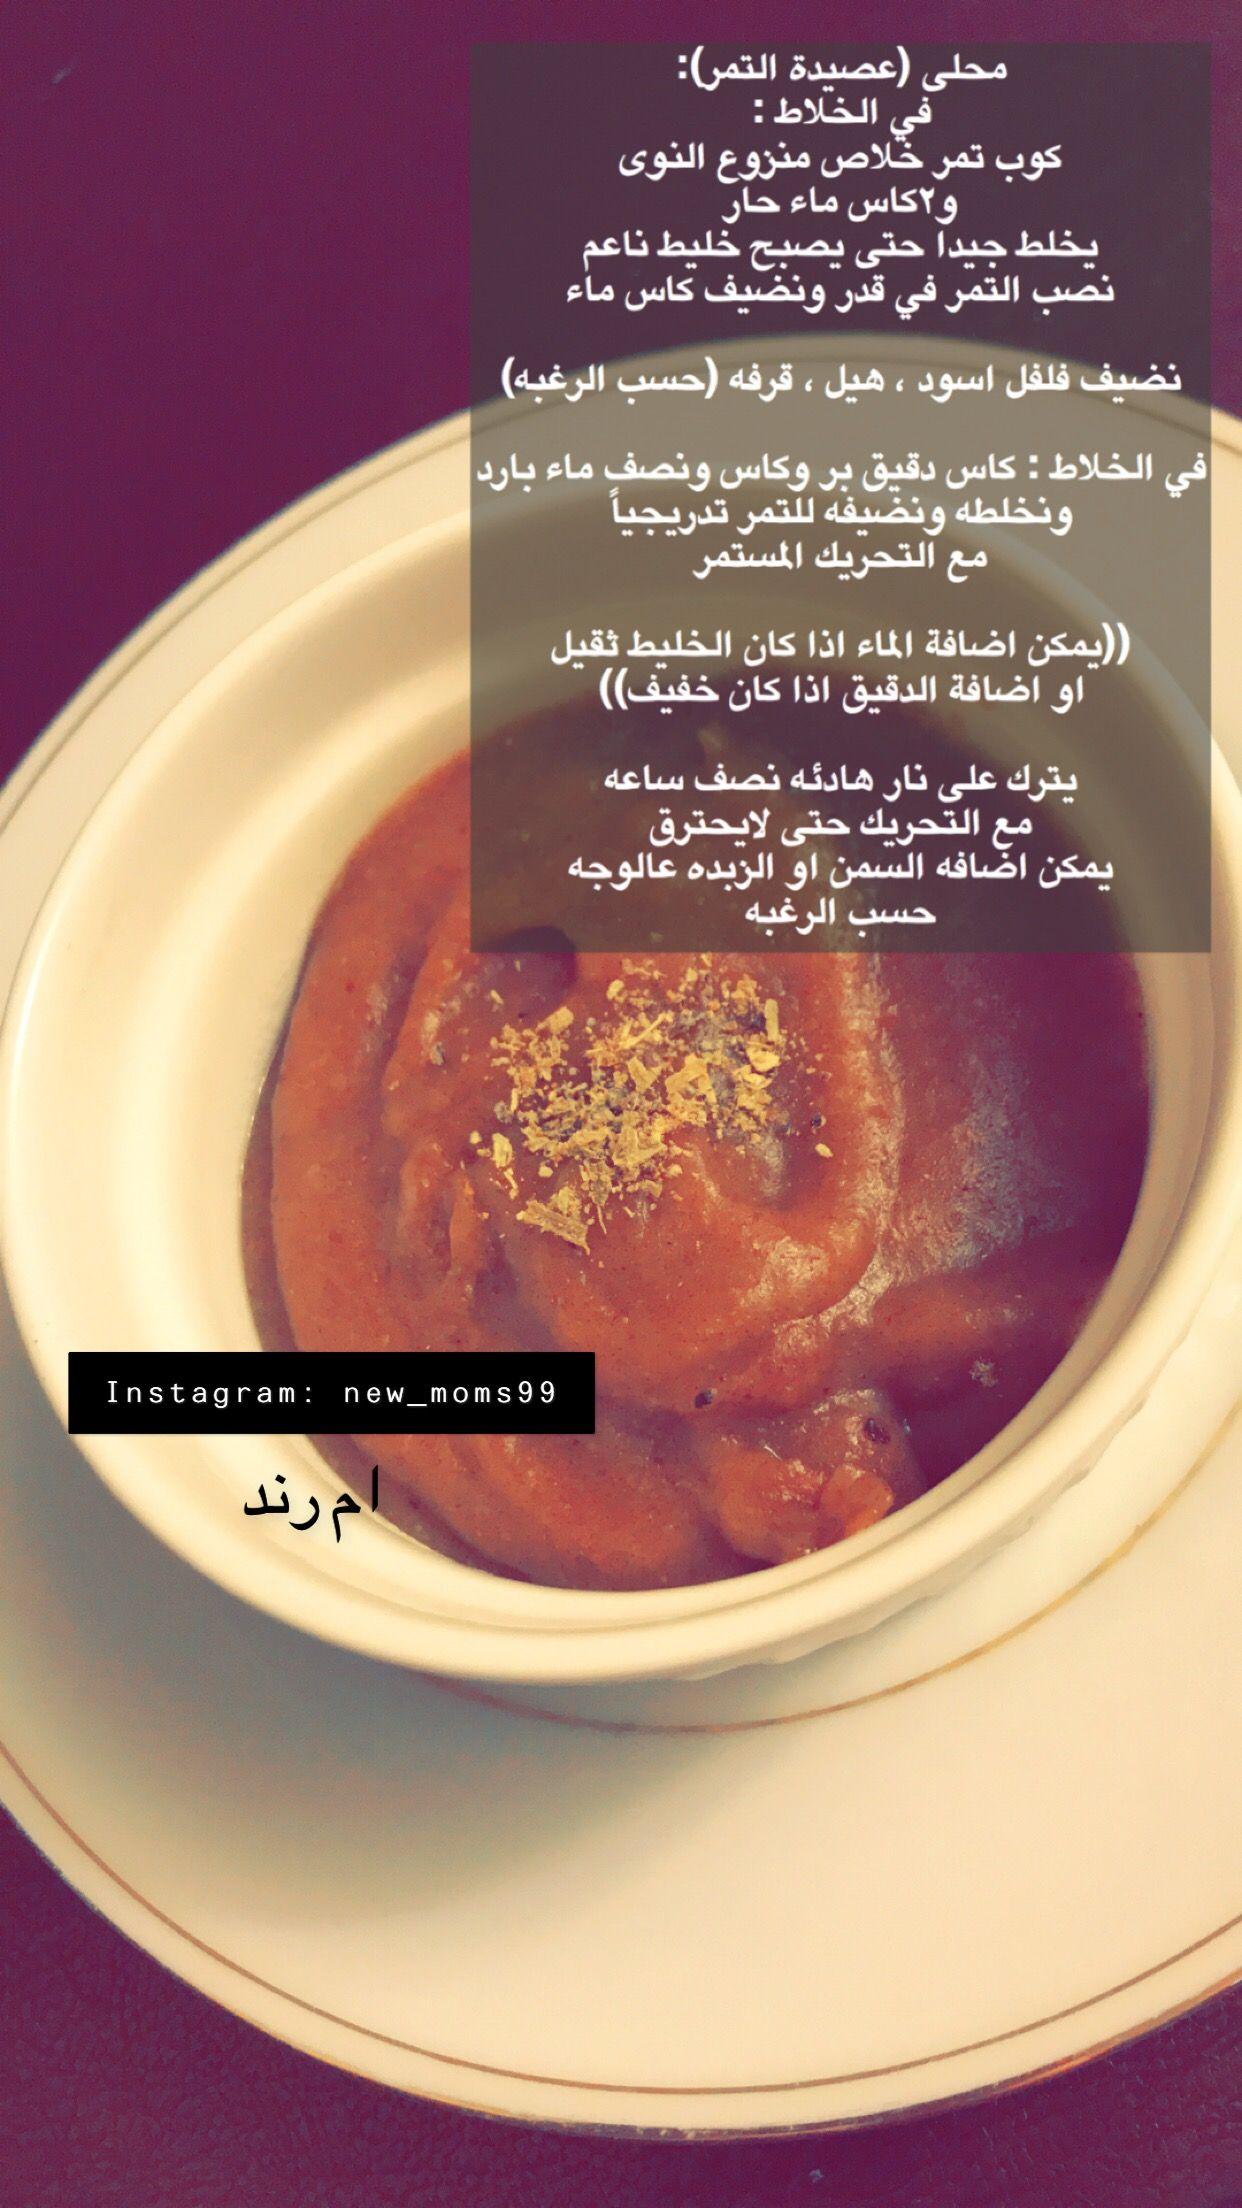 طريقة المحلى عصيدة التمر ام رند Diy Food Recipes Confectionery Recipes